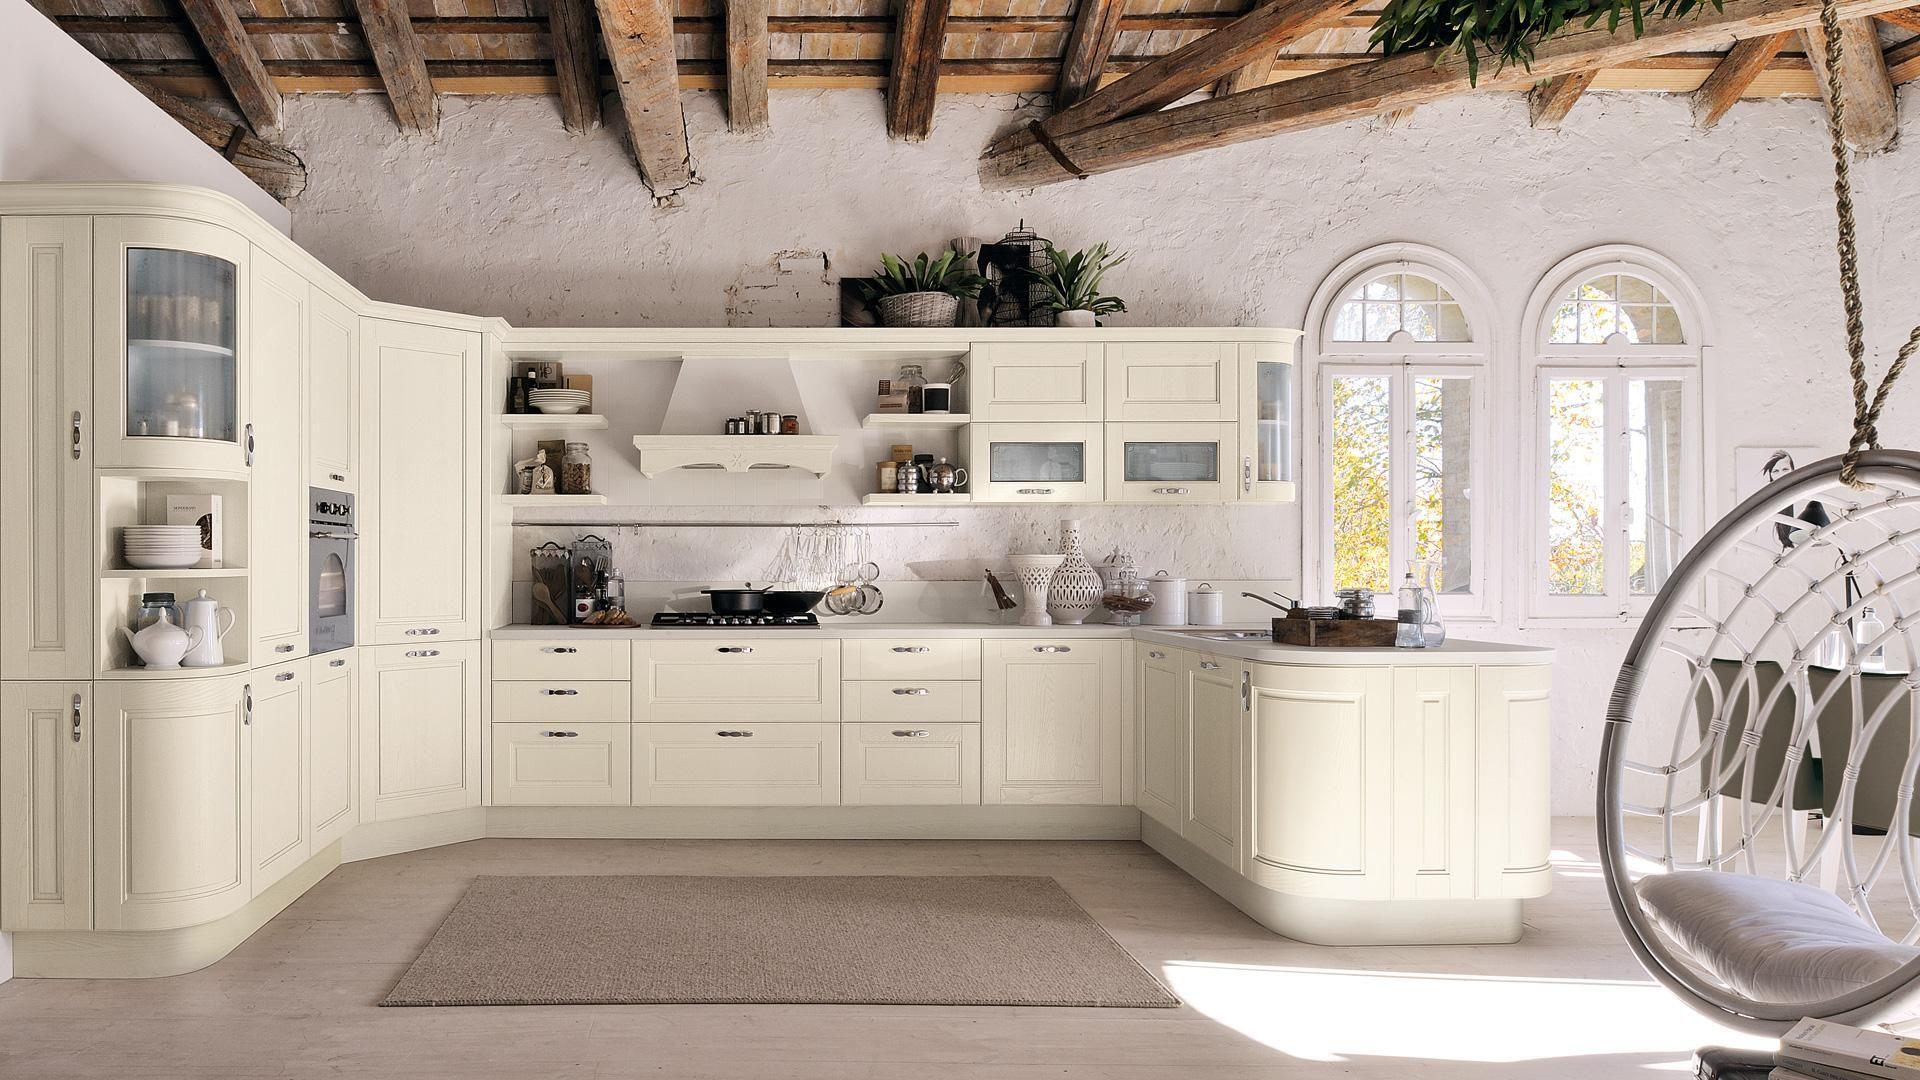 Agnese - Cucine Classiche - Cucine Lube | Progetti da provare ...